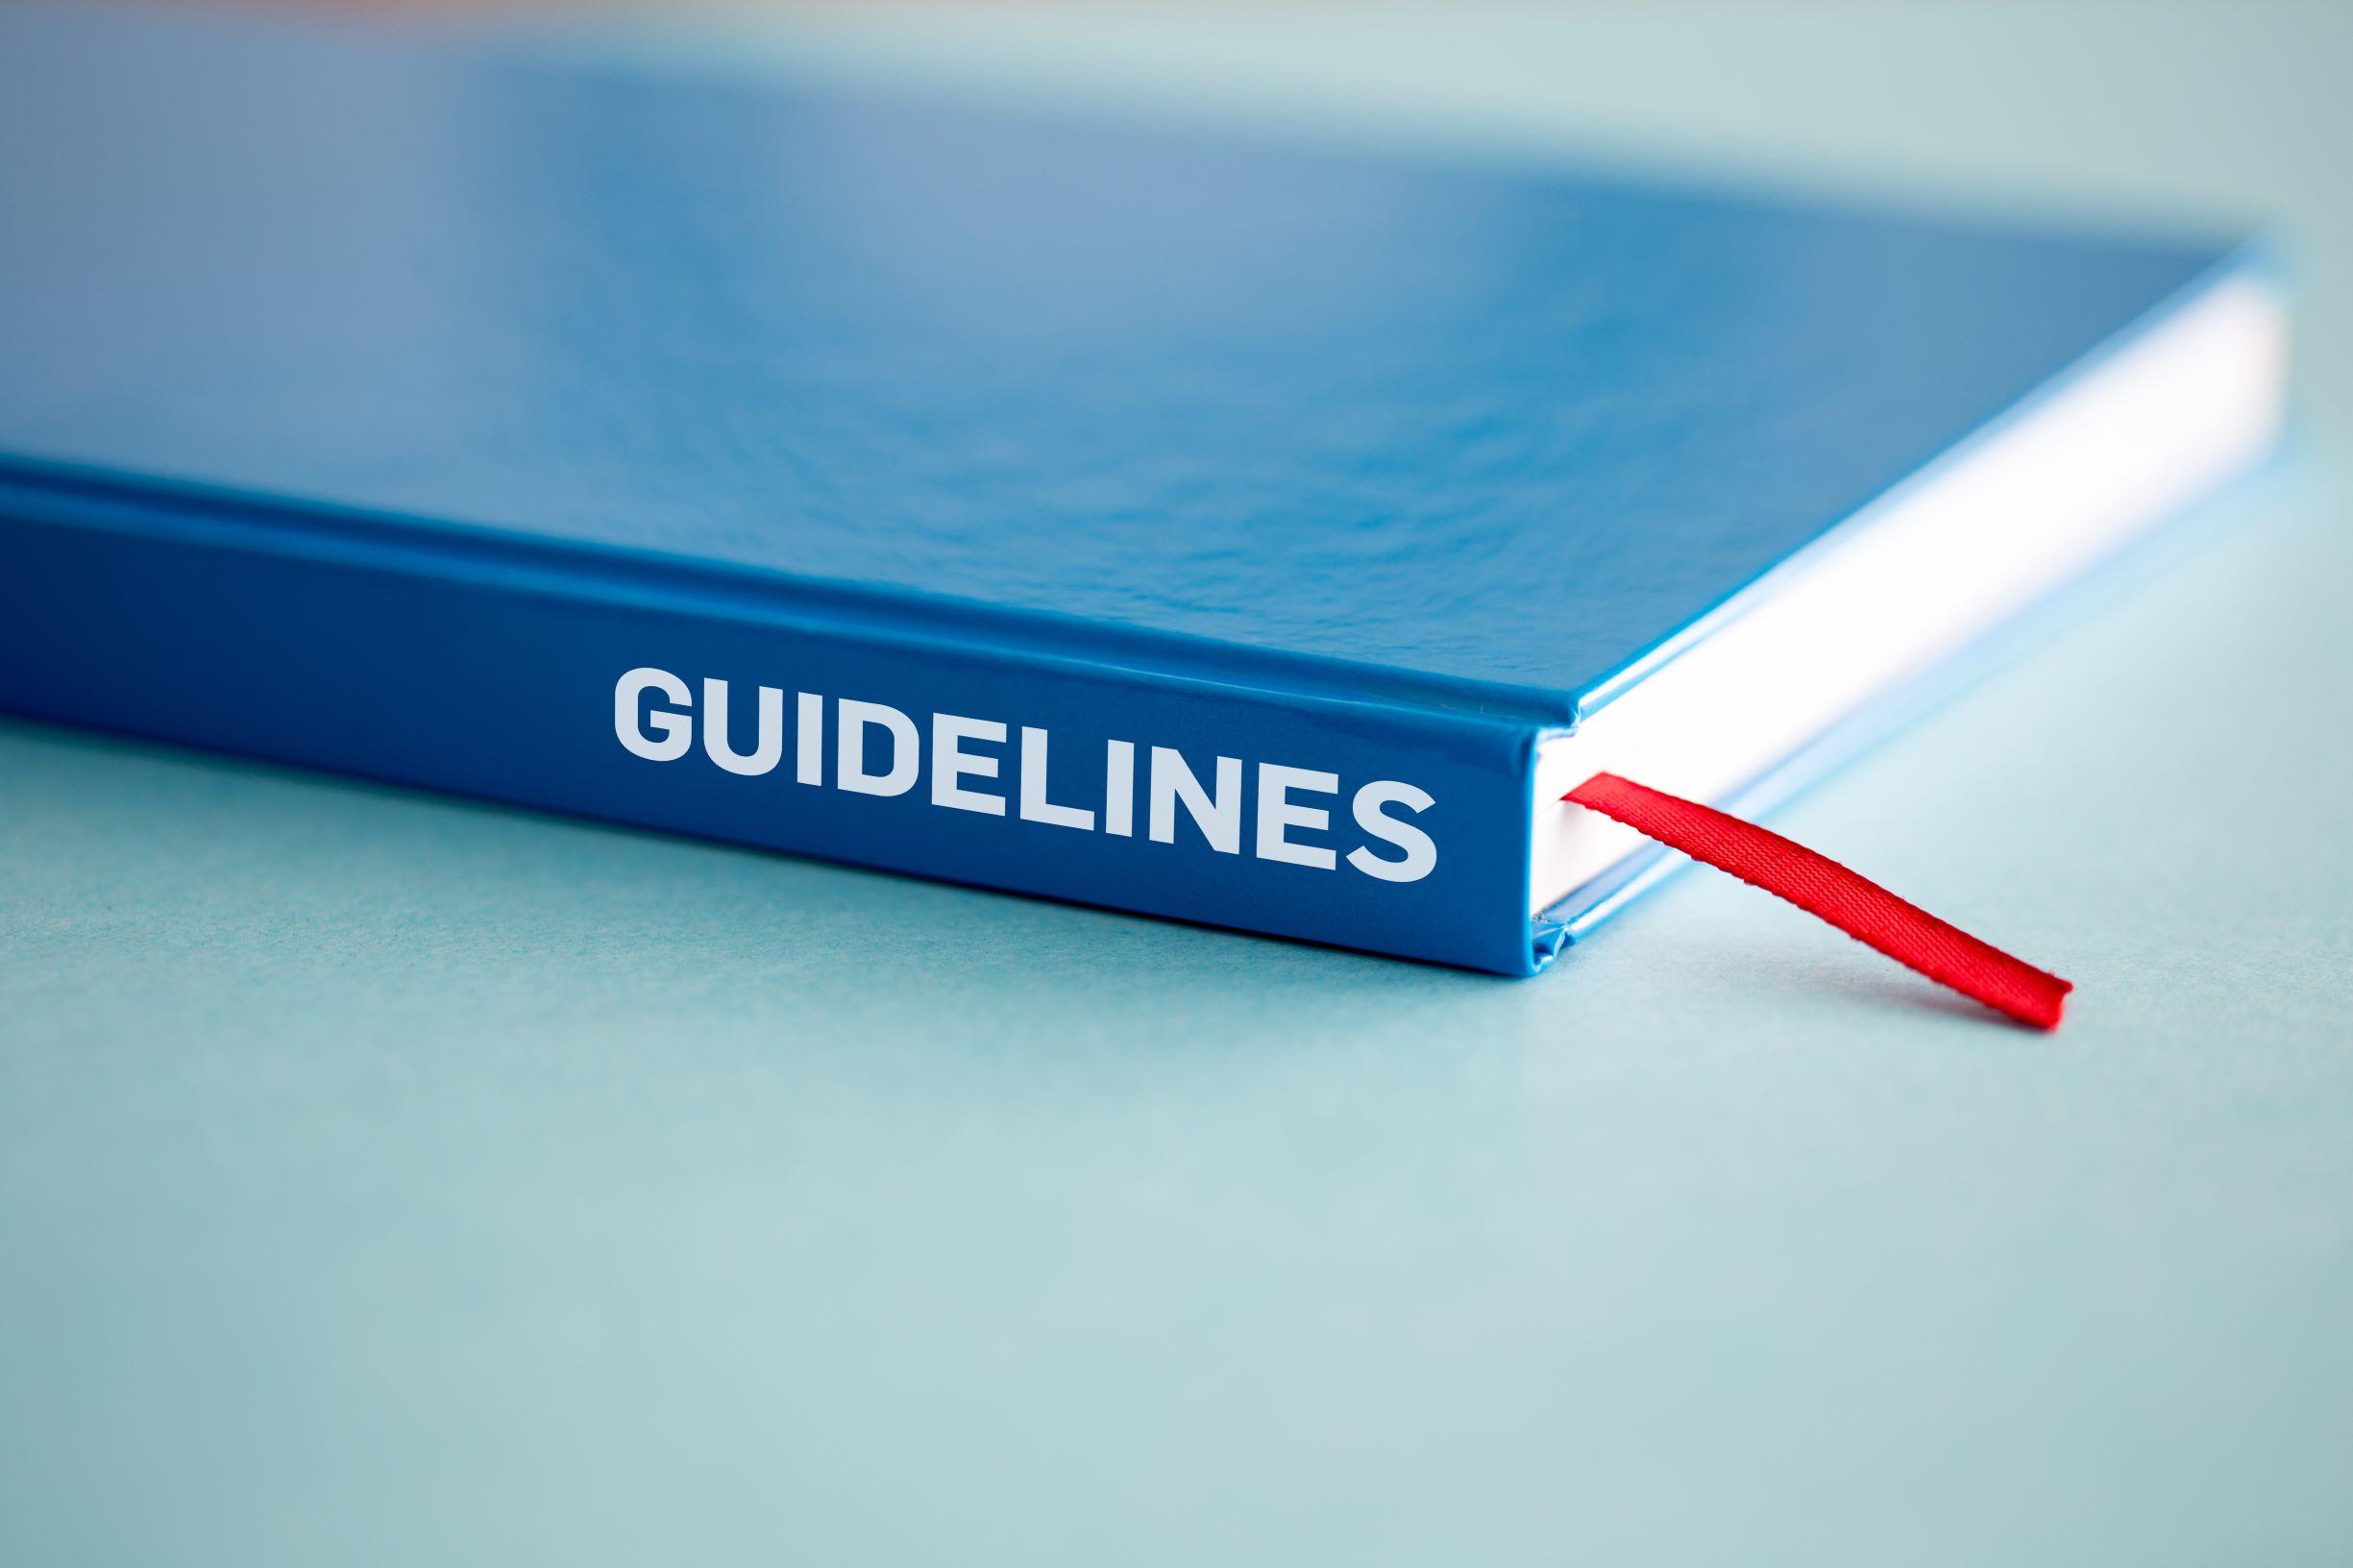 Circulaire GPI 94 portant les directives exécutant les mesures décidées en matière de lutte contre le virus Covid-19